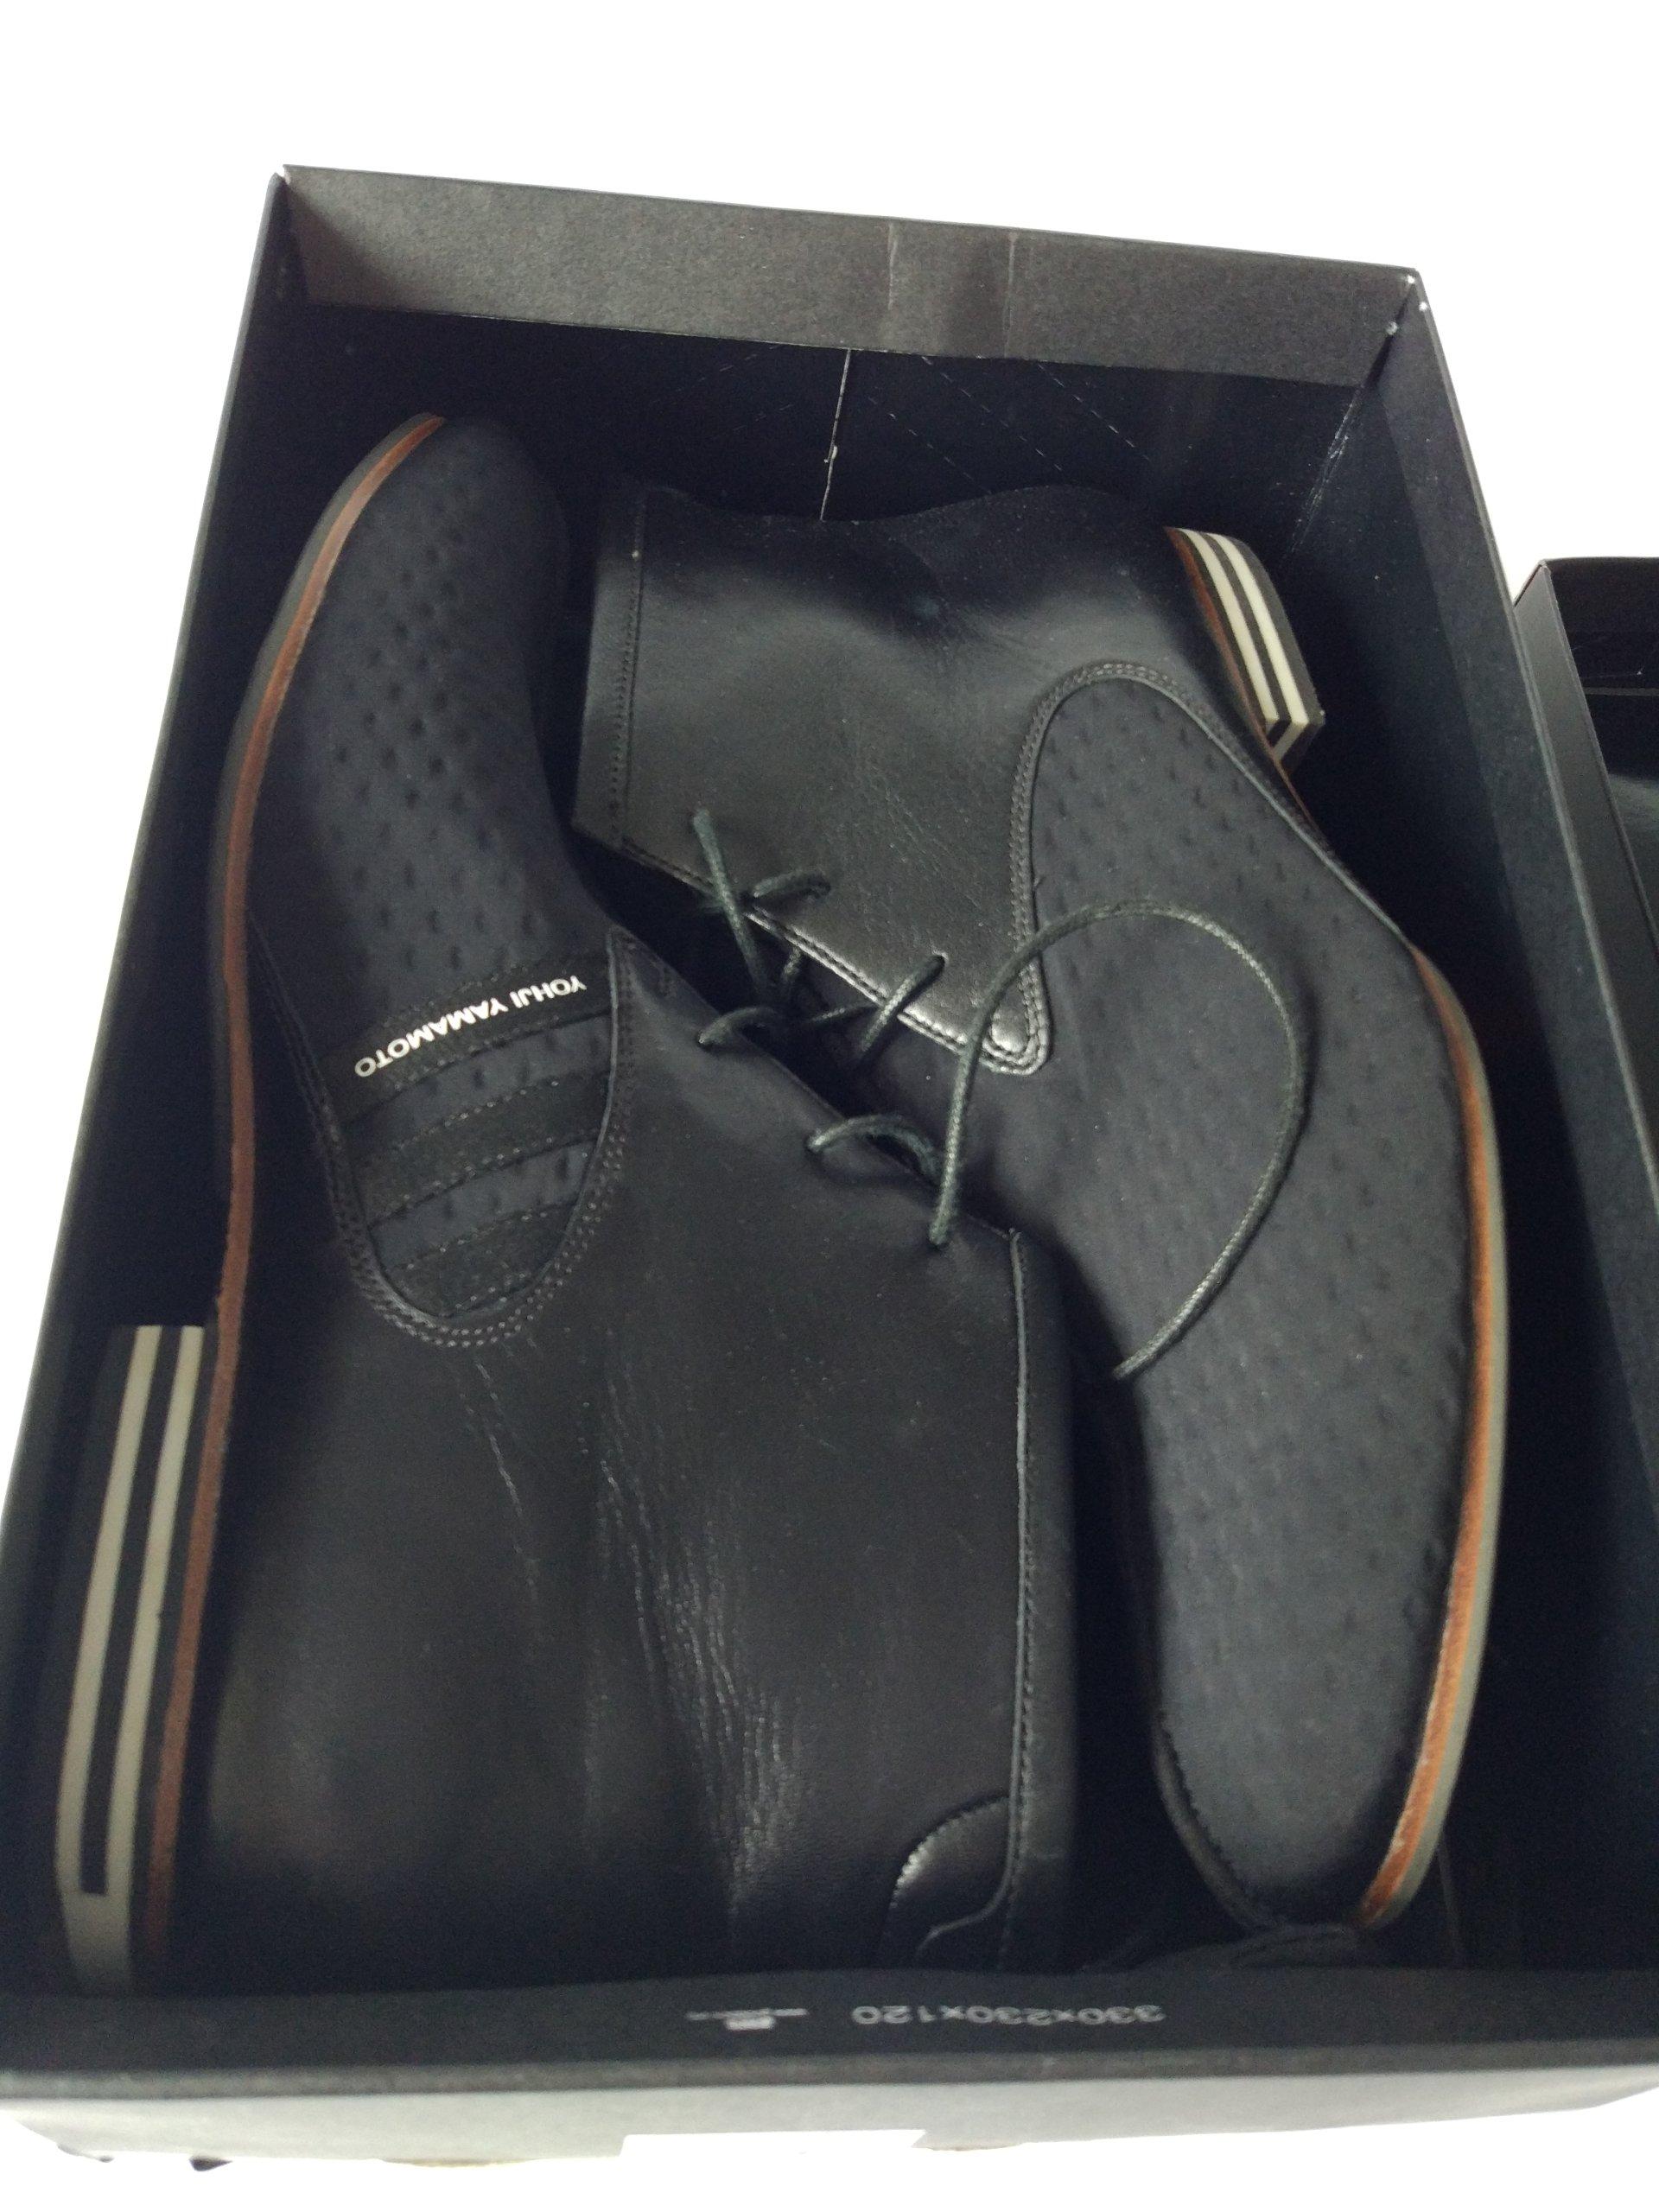 ef36f6b52 Adidas Y-3 Desert Boots G45538 r.43 1 3 Yohji Y3 - 6863714881 ...